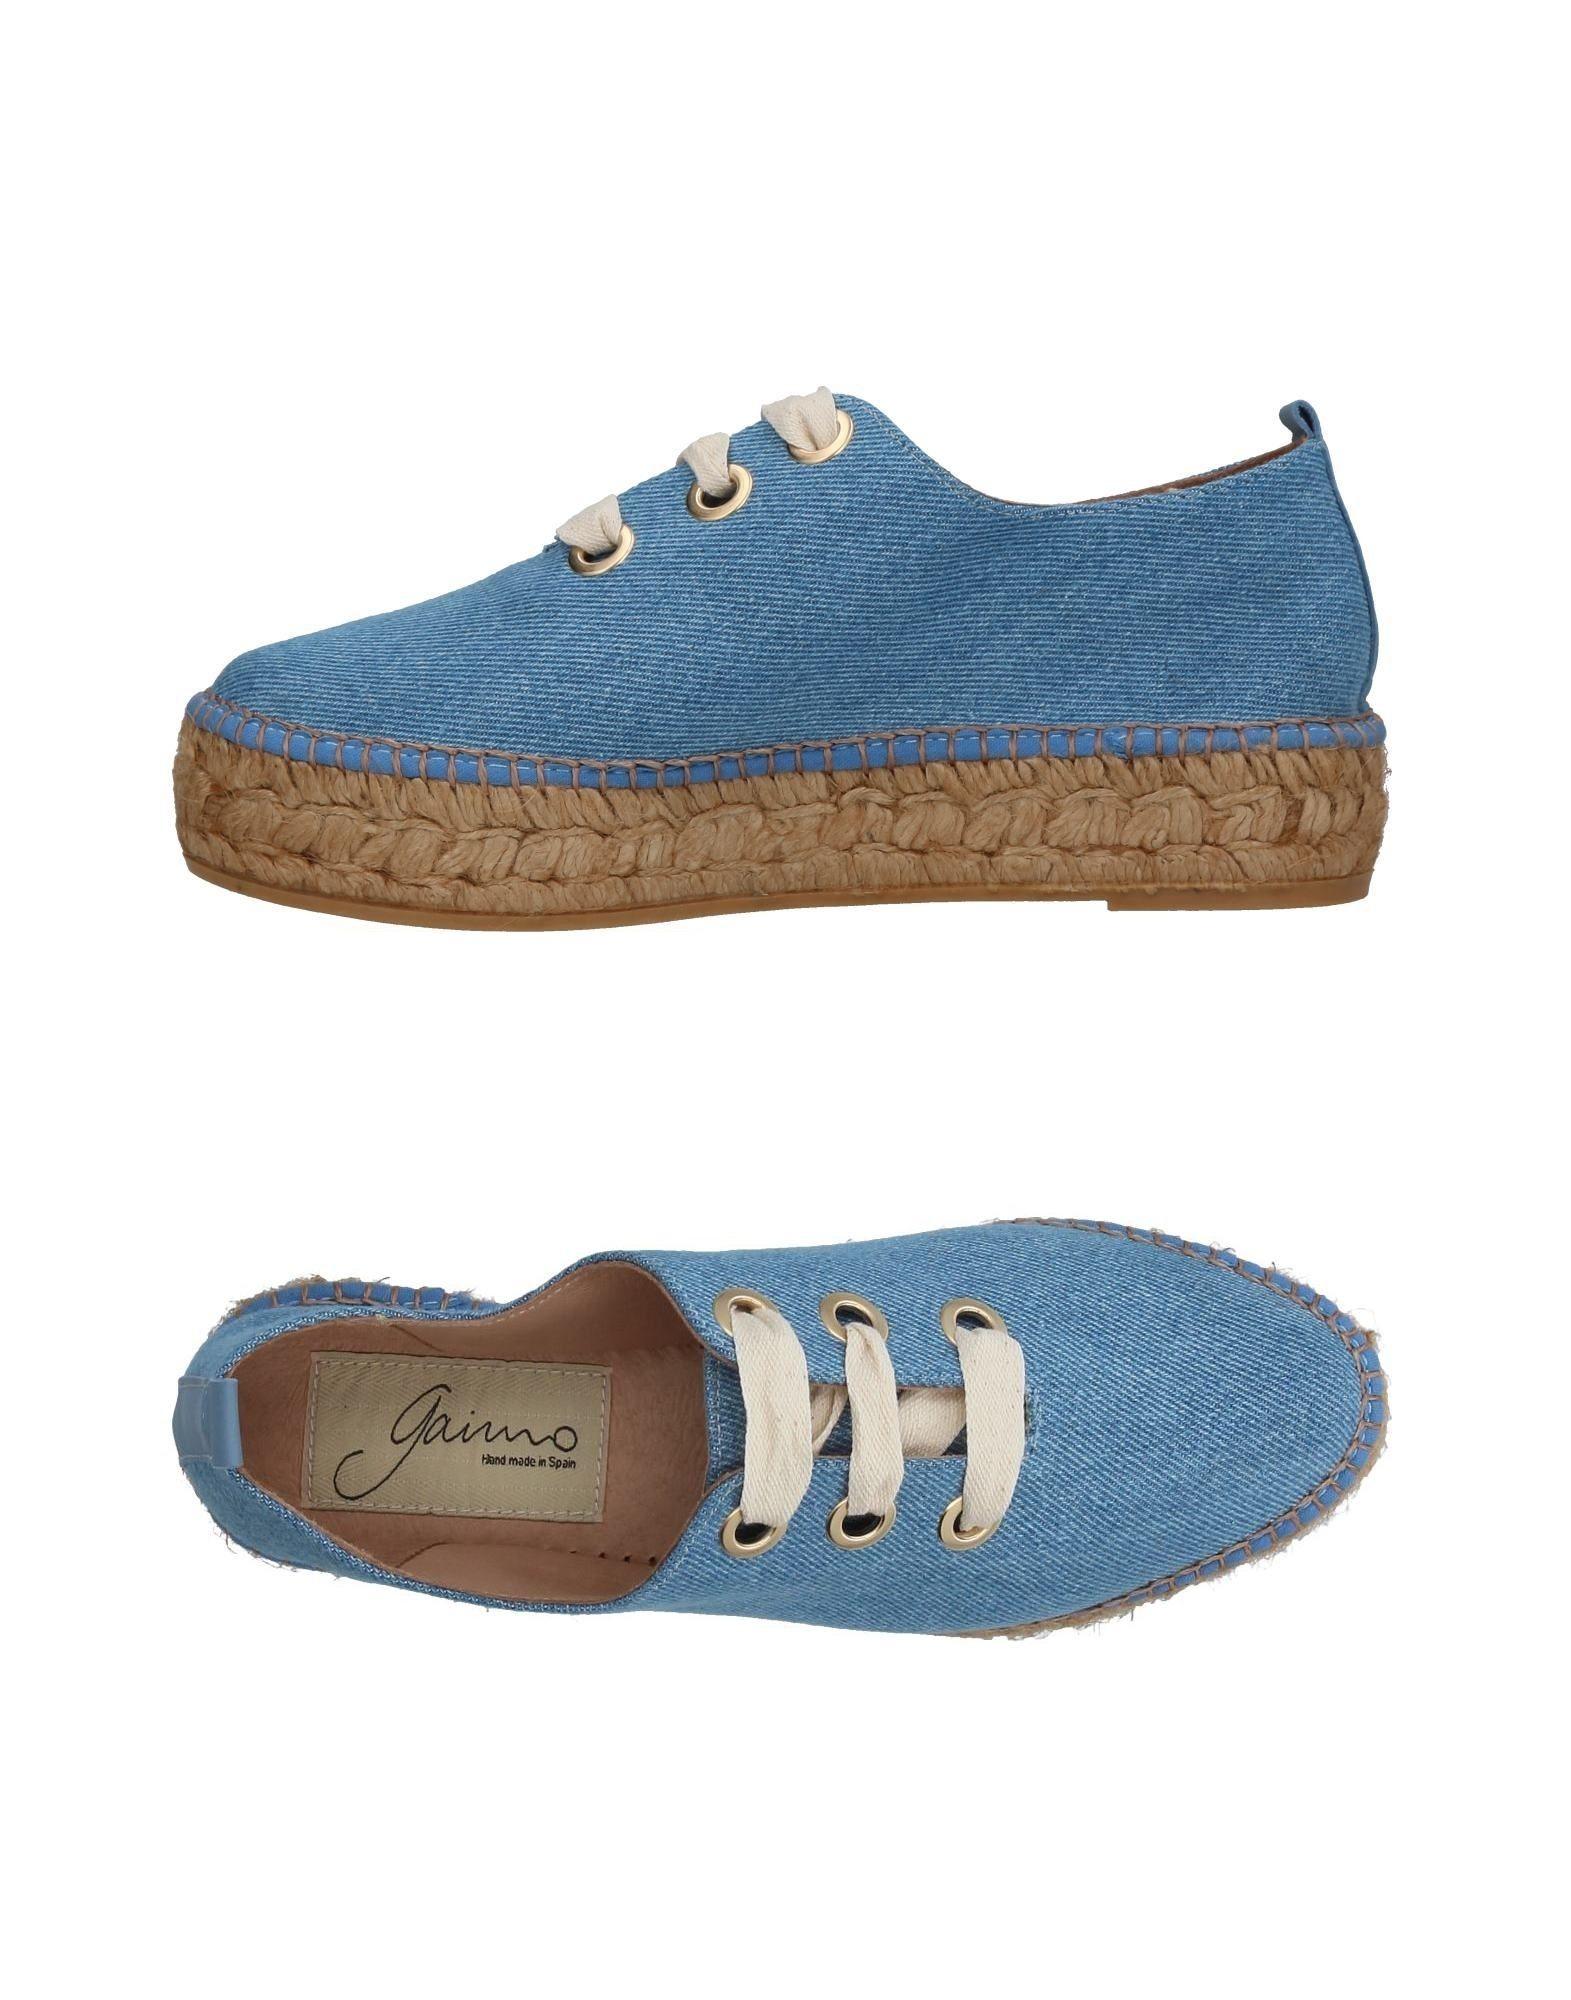 Zapato De Cordones Gaimo Mujer Mujer Mujer - Zapatos De Cordones Gaimo 8c8be3